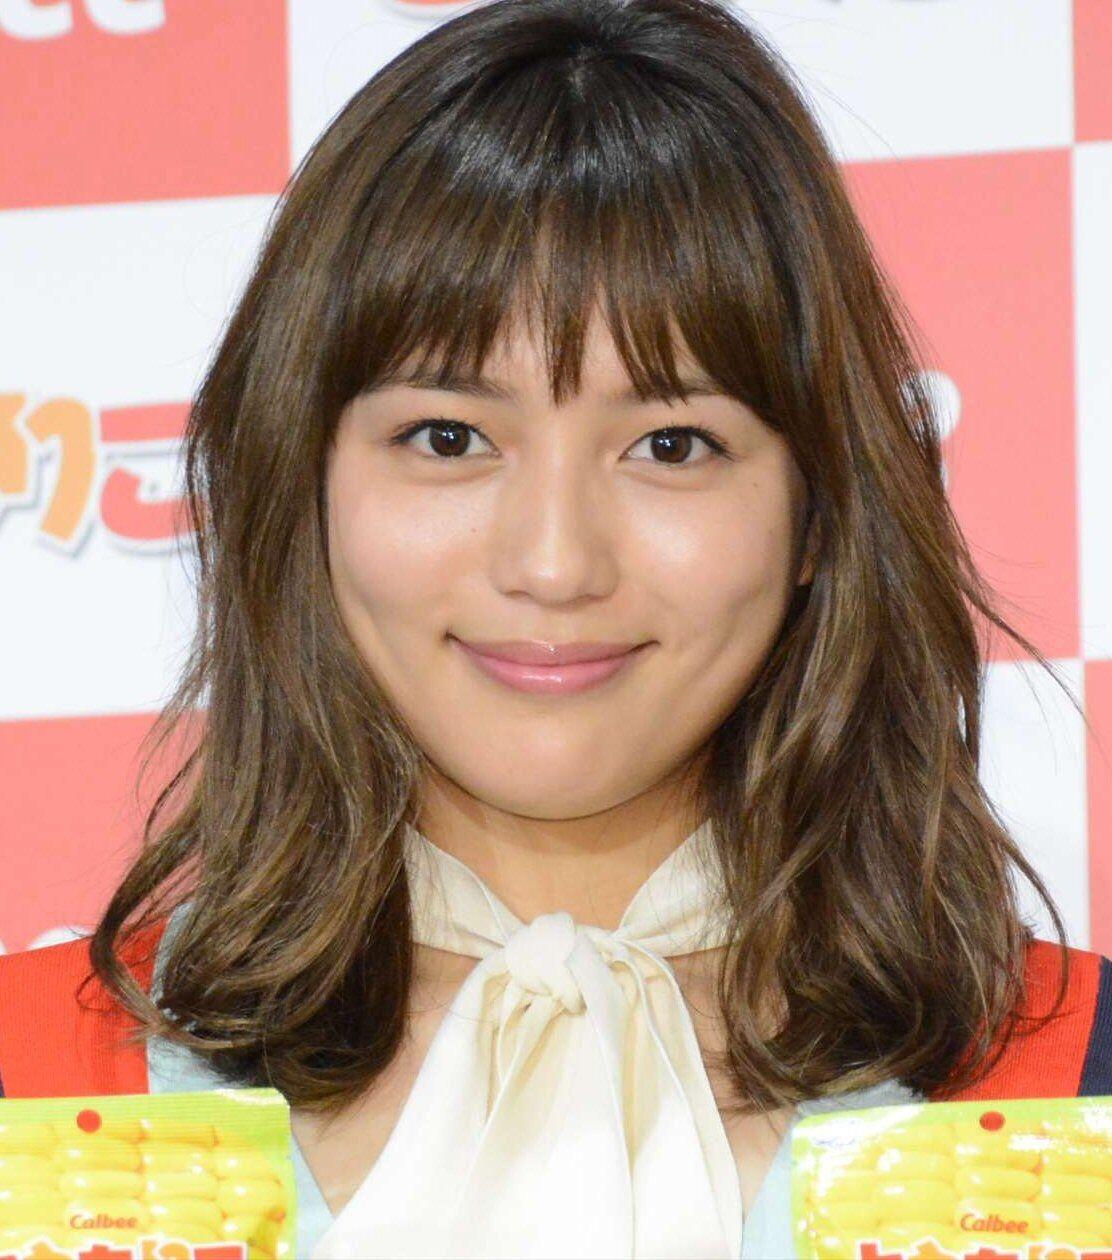 【大躍進】川口春奈さん 女優YouTuberとしても大躍進、圧倒的な再生回数wwwww